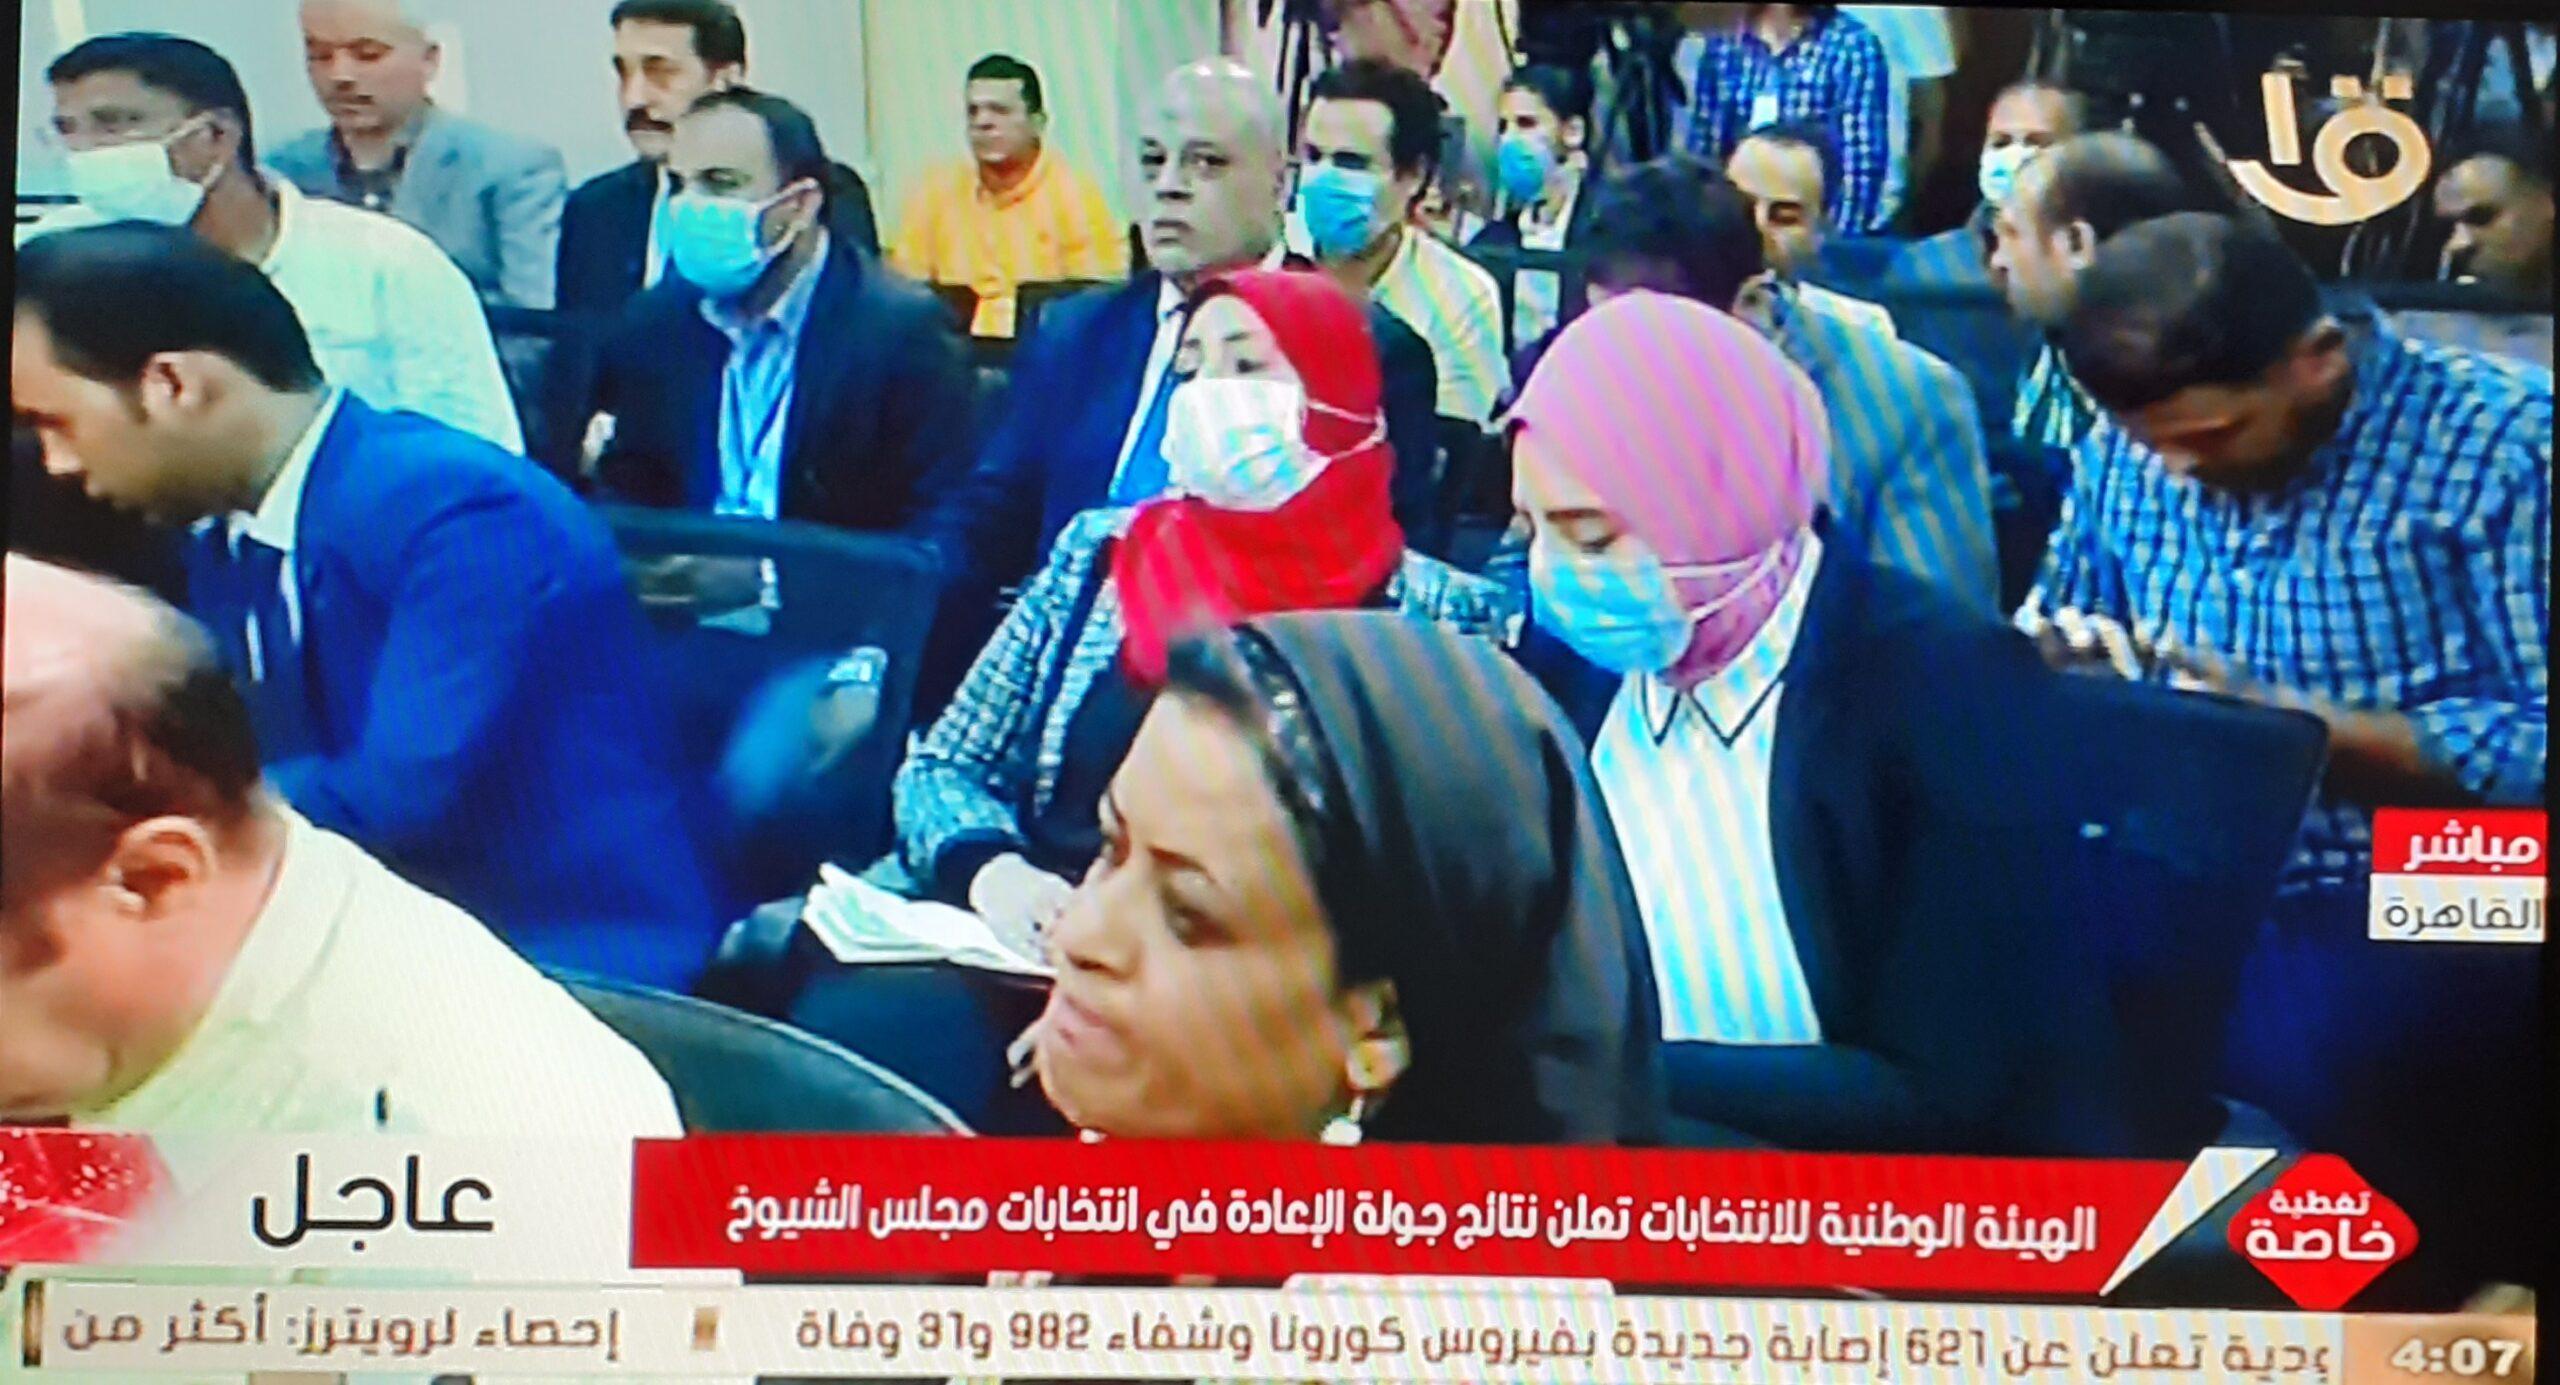 المستشار ابراهيم لاشين رئيس الهيئة الوطنية للانتخابات يعلن النتيجة النهائية لجولة الاعادة بمجلس الشيوخ